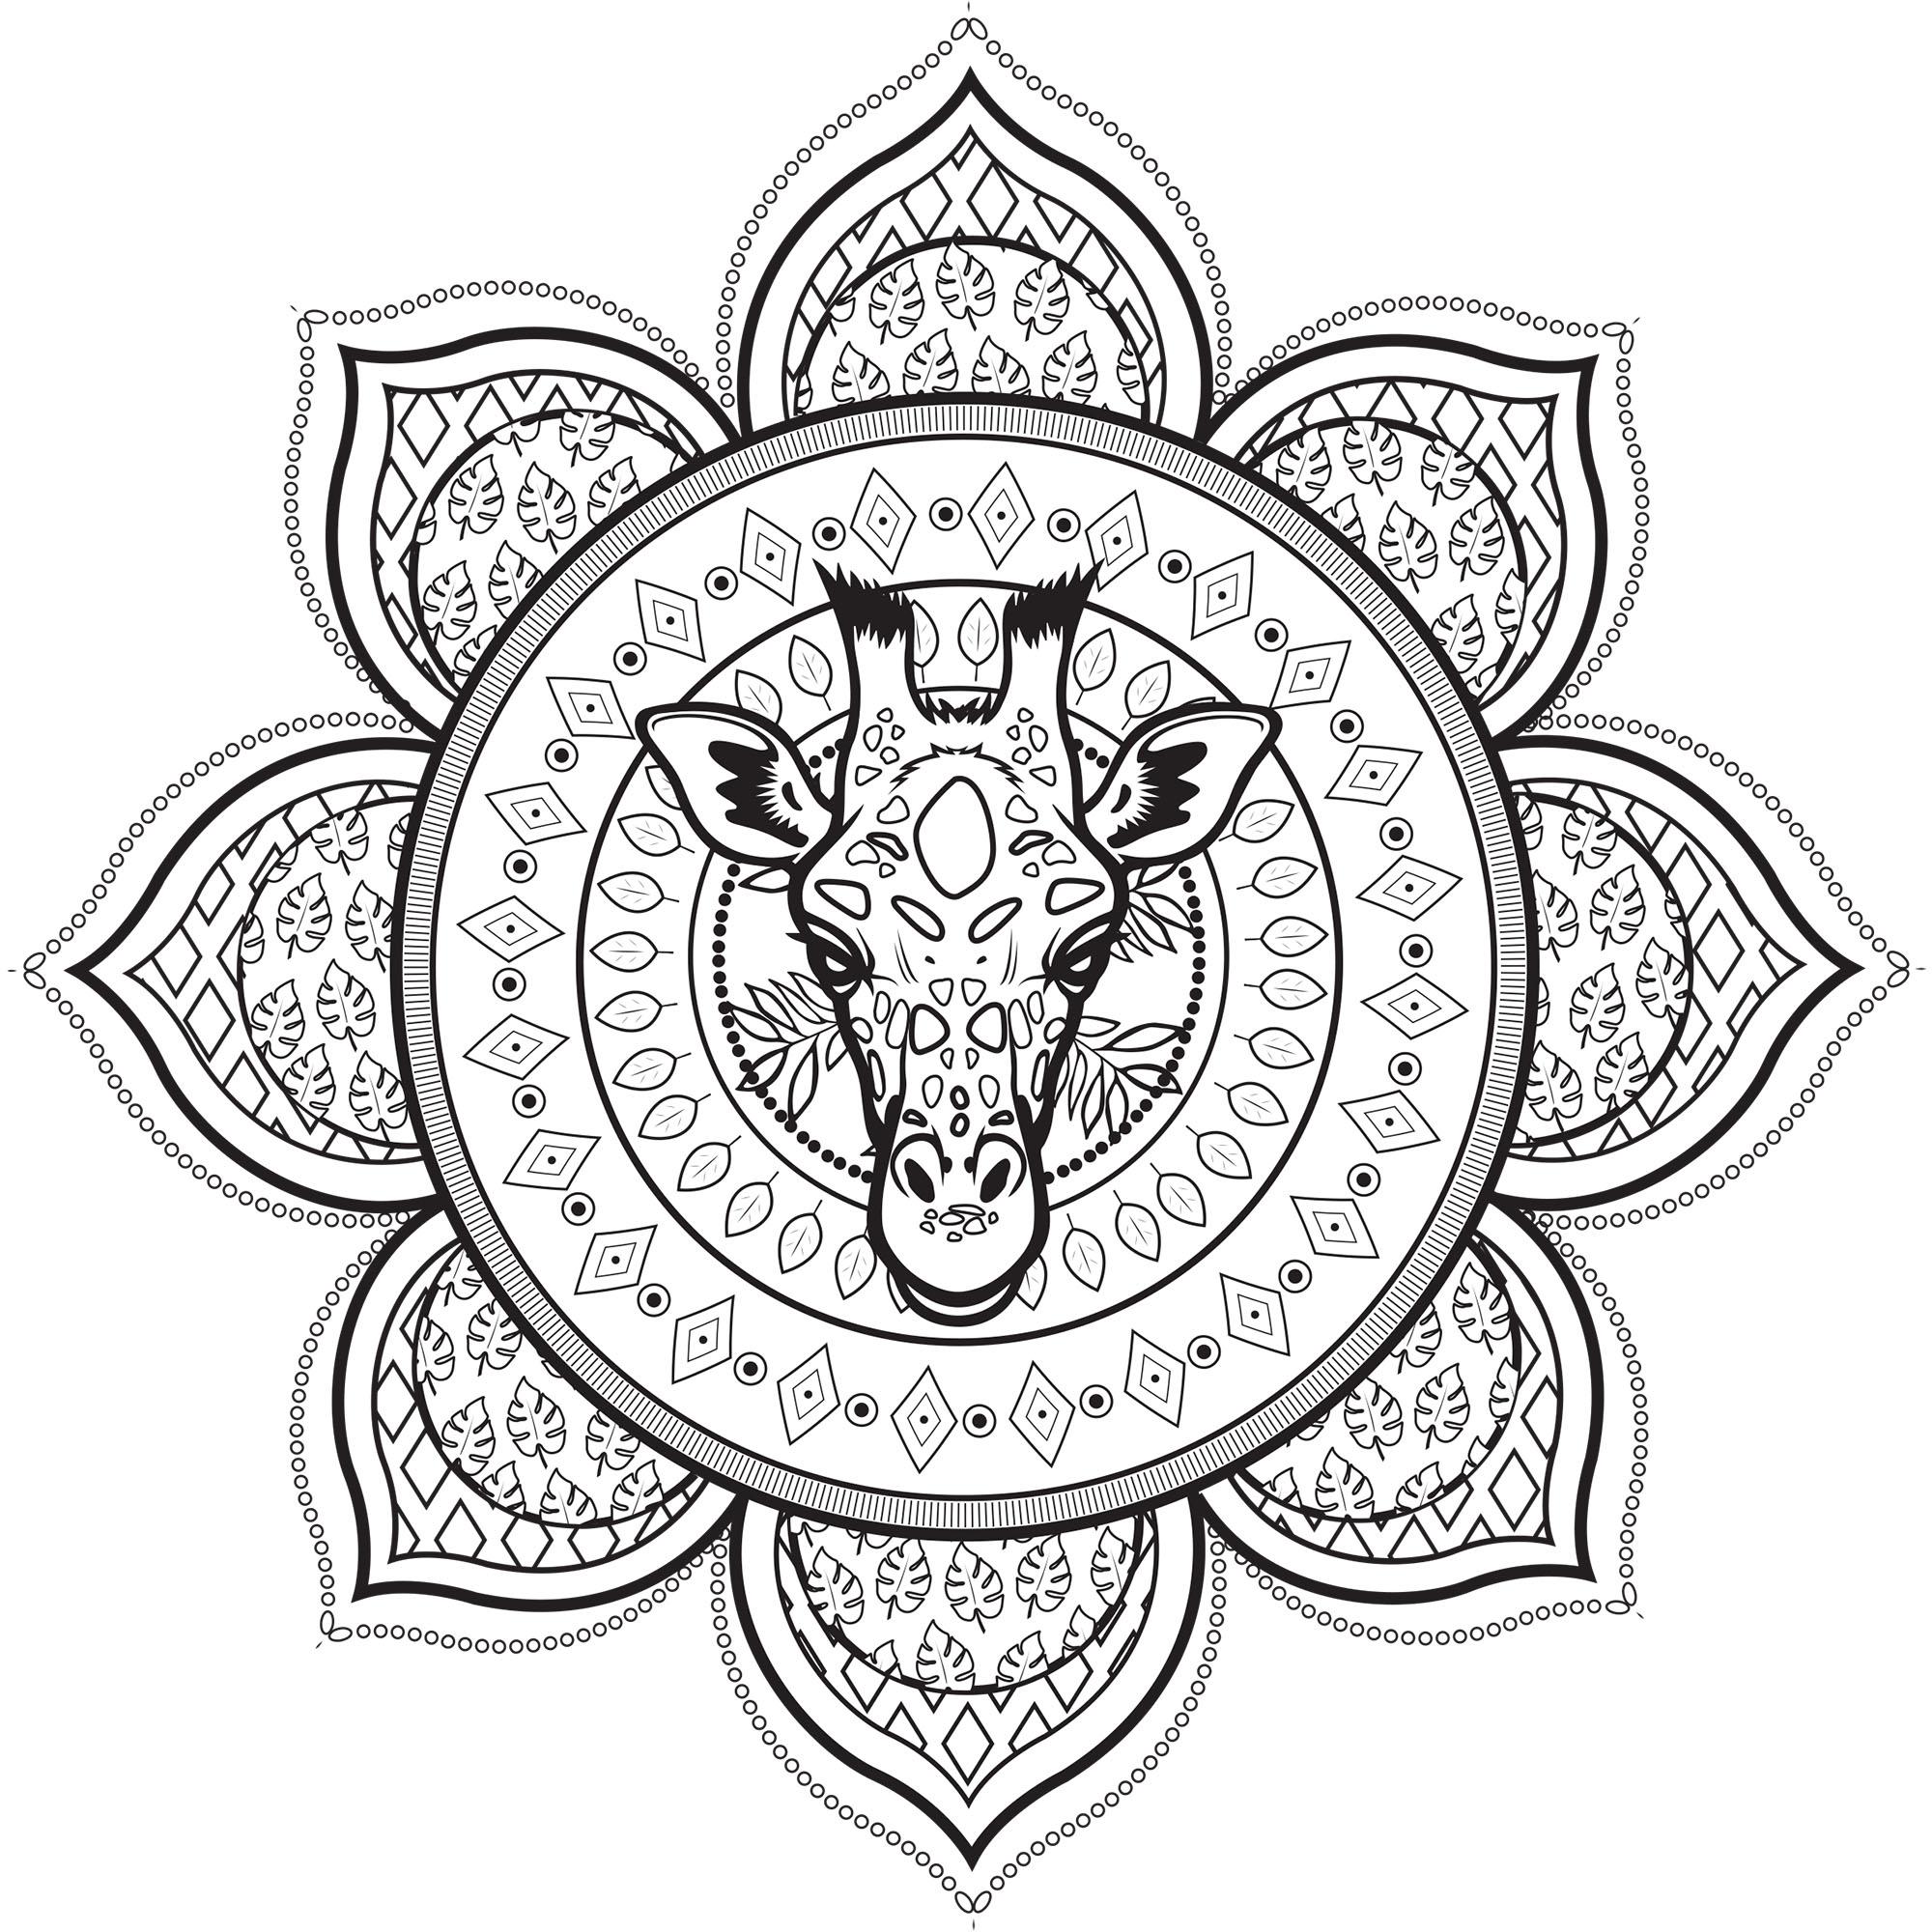 Malvorlagen Mandala In English - Zeichnen und Färben